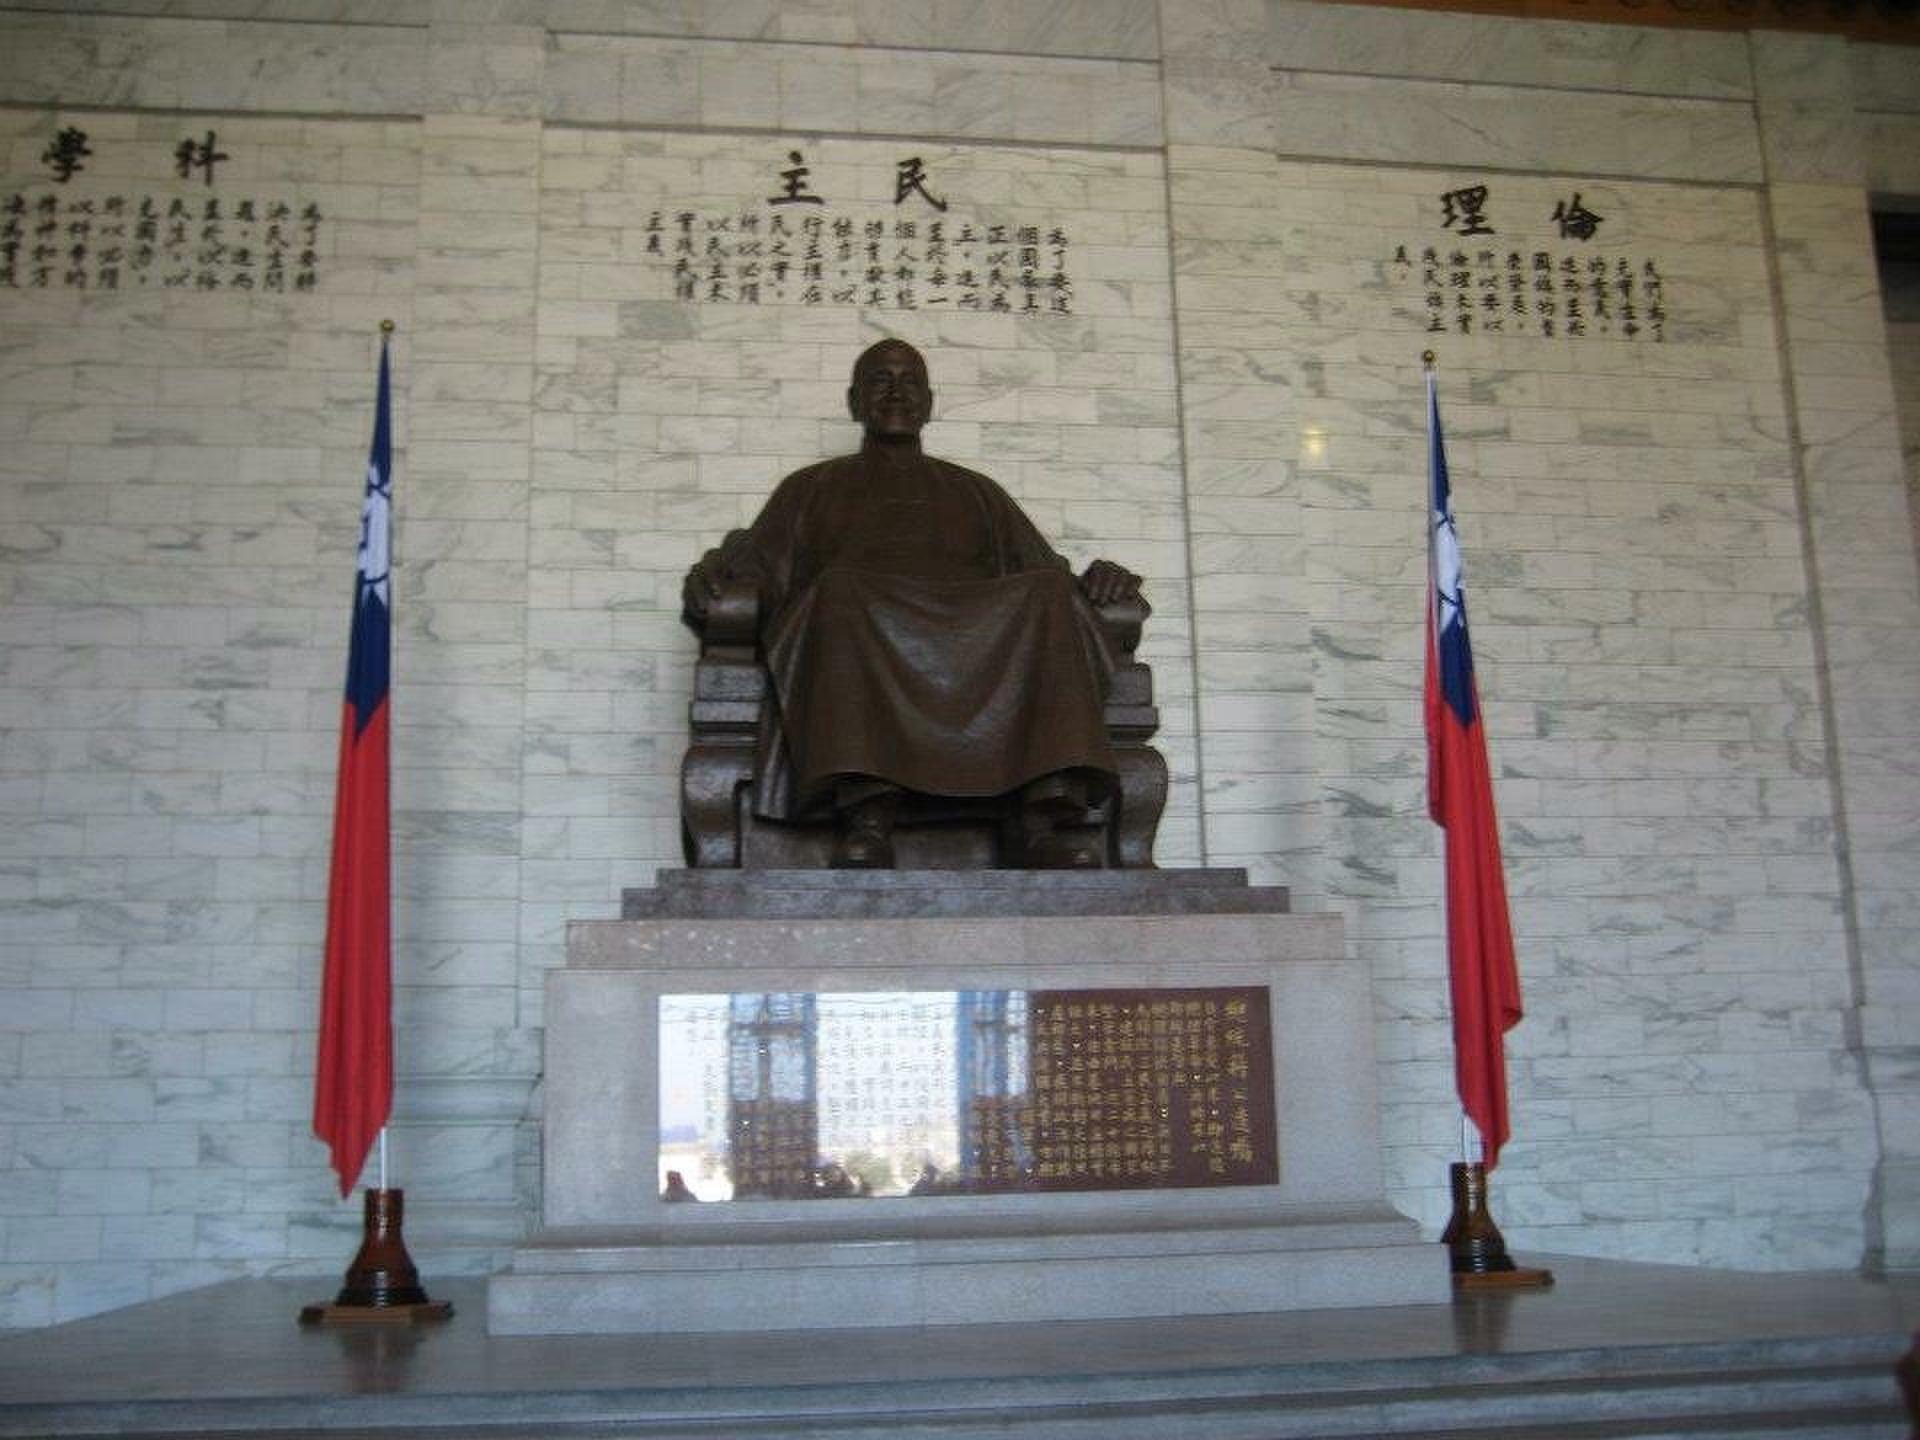 【台湾探訪】中正紀念堂で蒋介石と出会う!